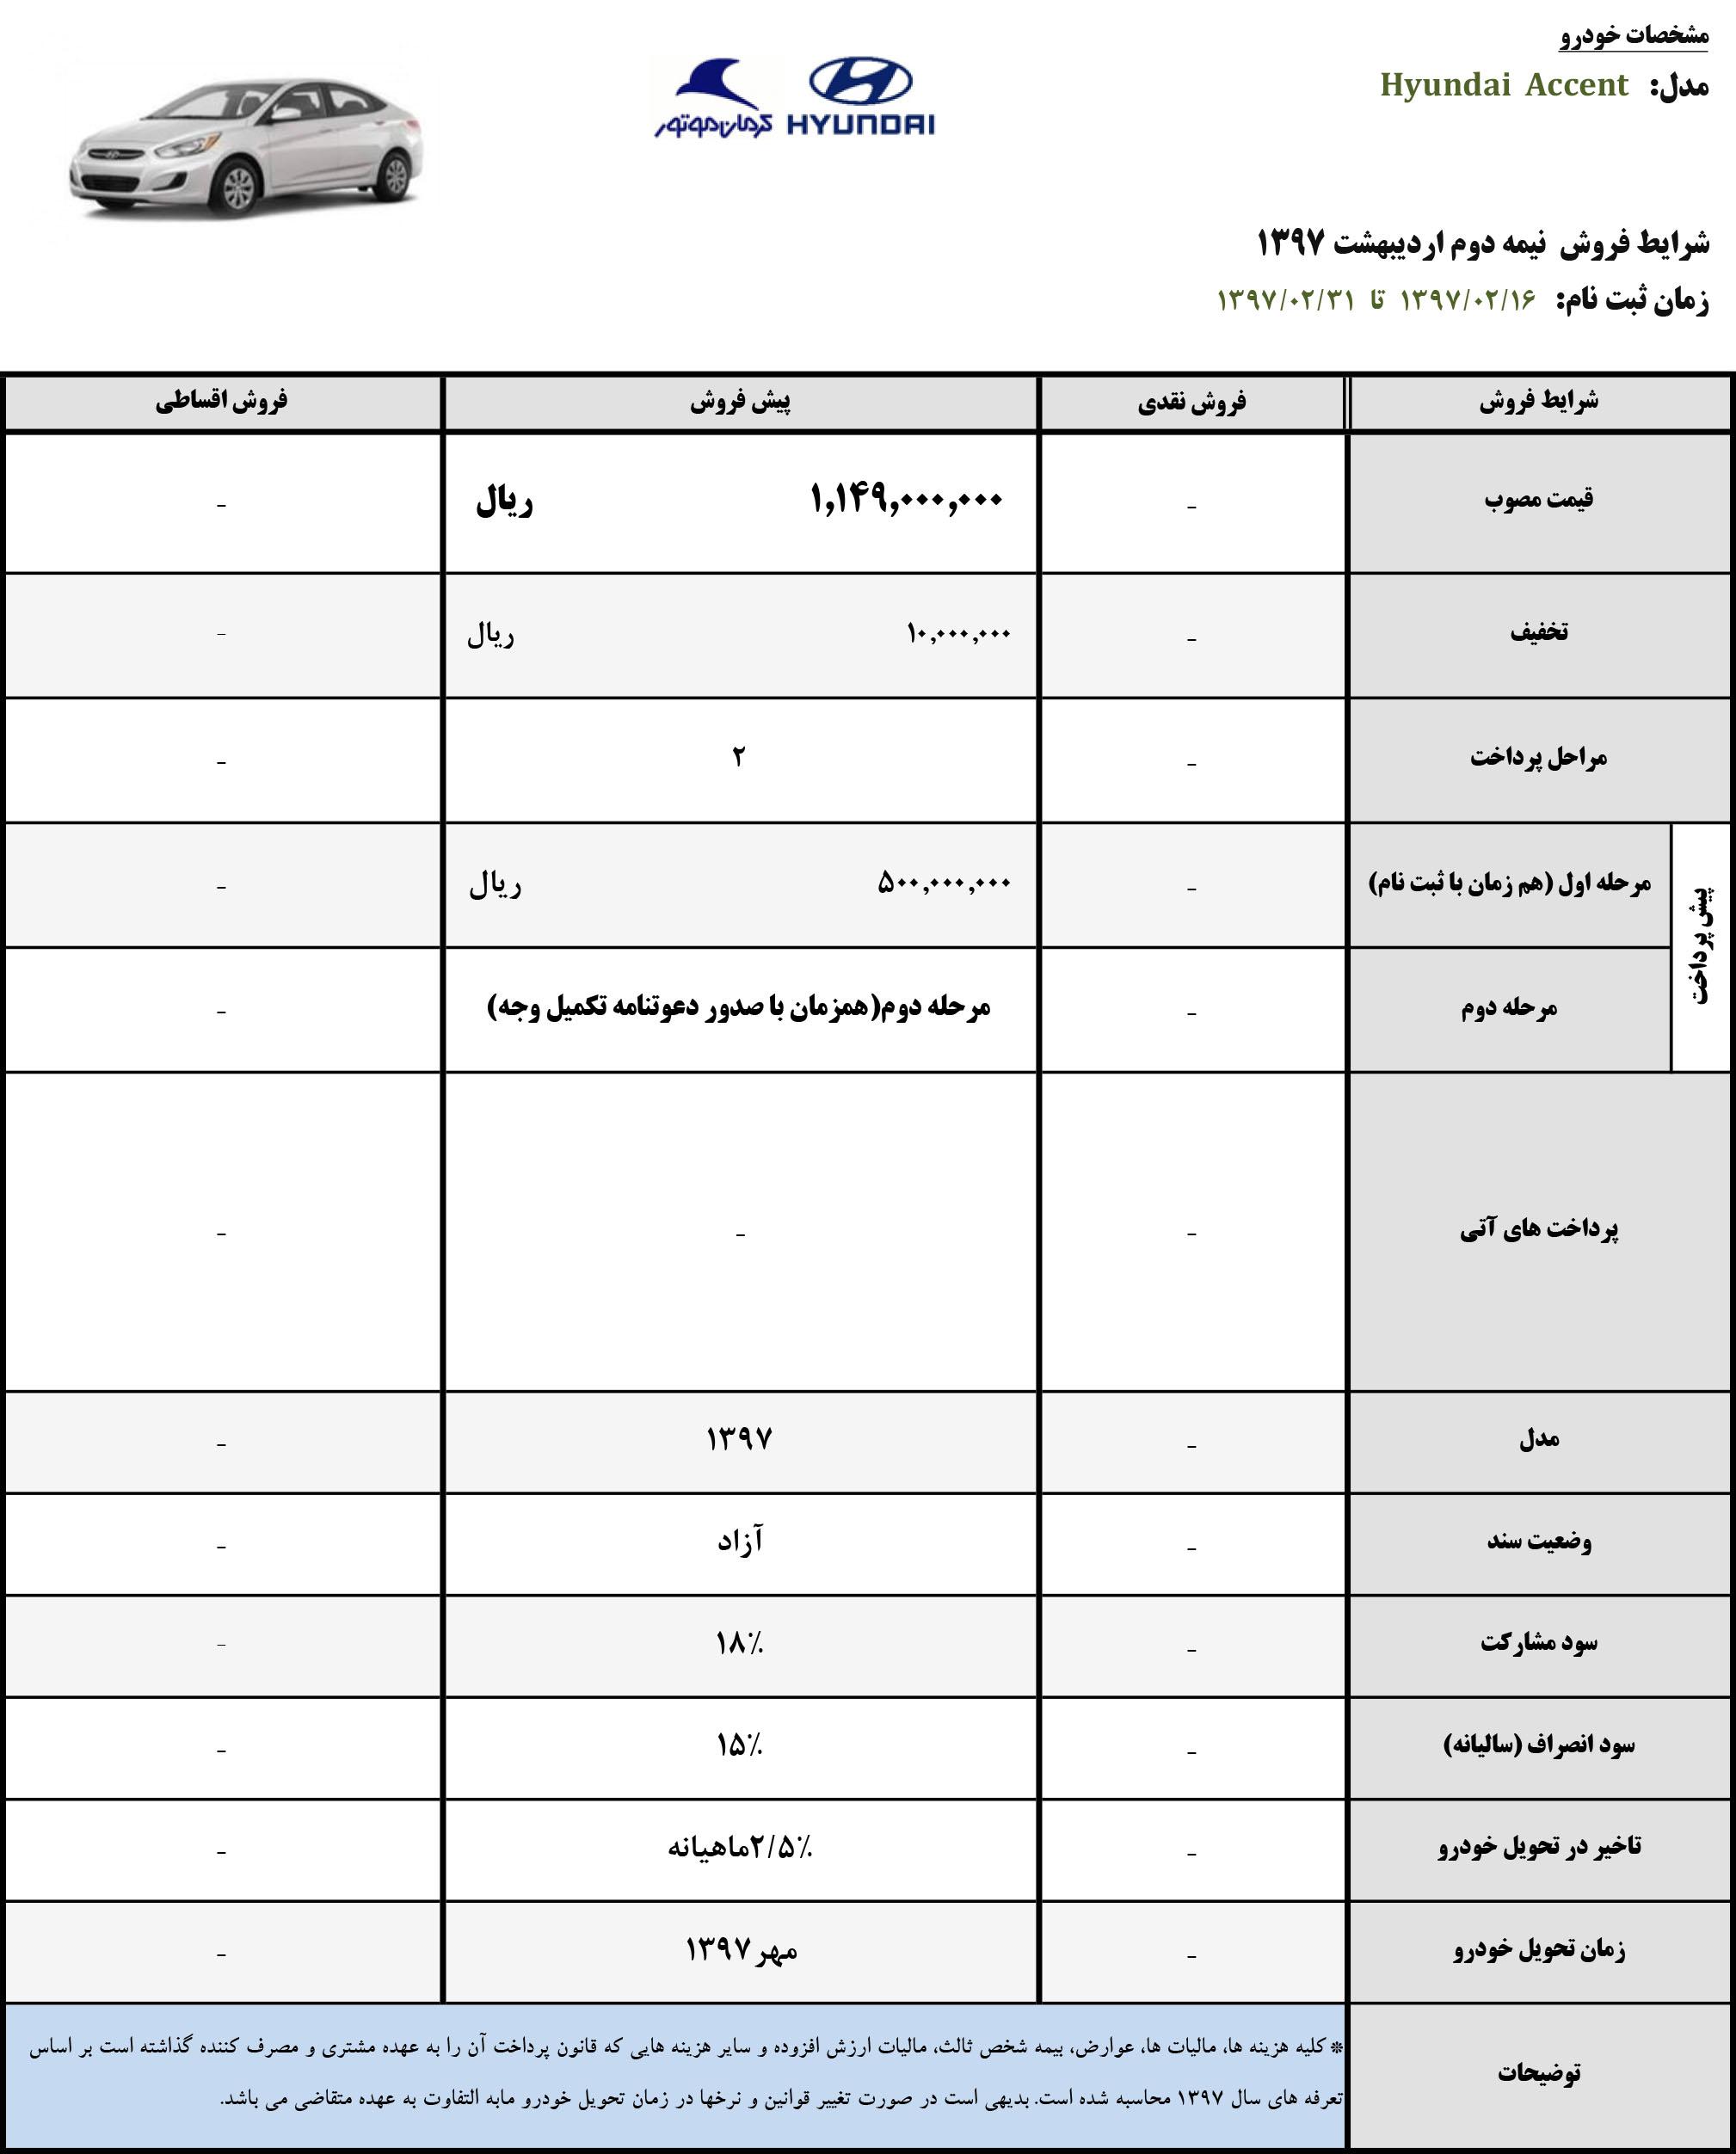 شرایط فروش محصولات هیوندای کرمان موتور – نیمه دوم اردیبهشت ۹۷